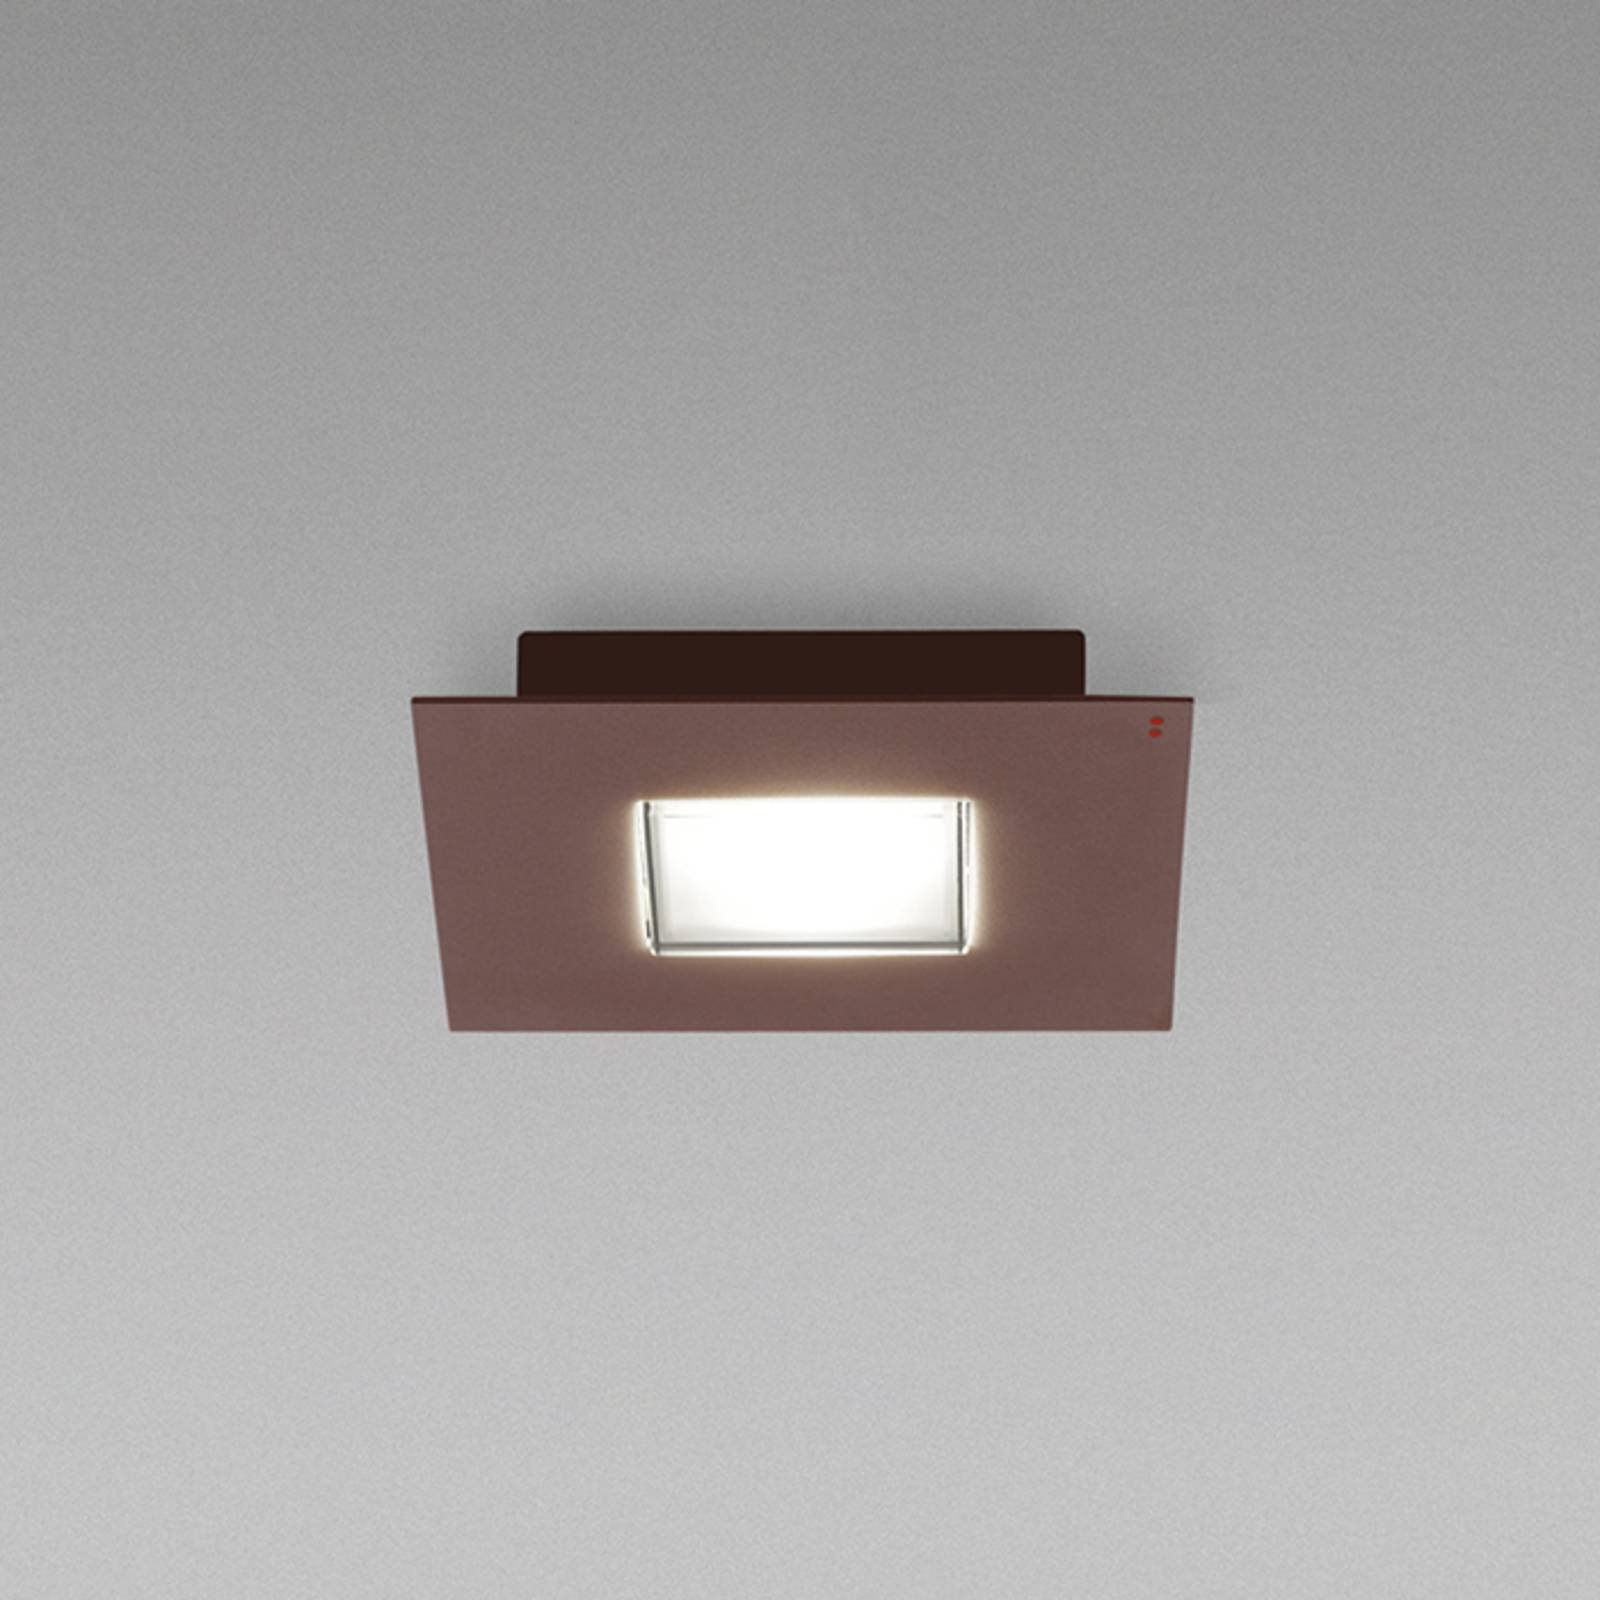 Fabbian Quarter - LED-taklampe 2 lyskilder, brun